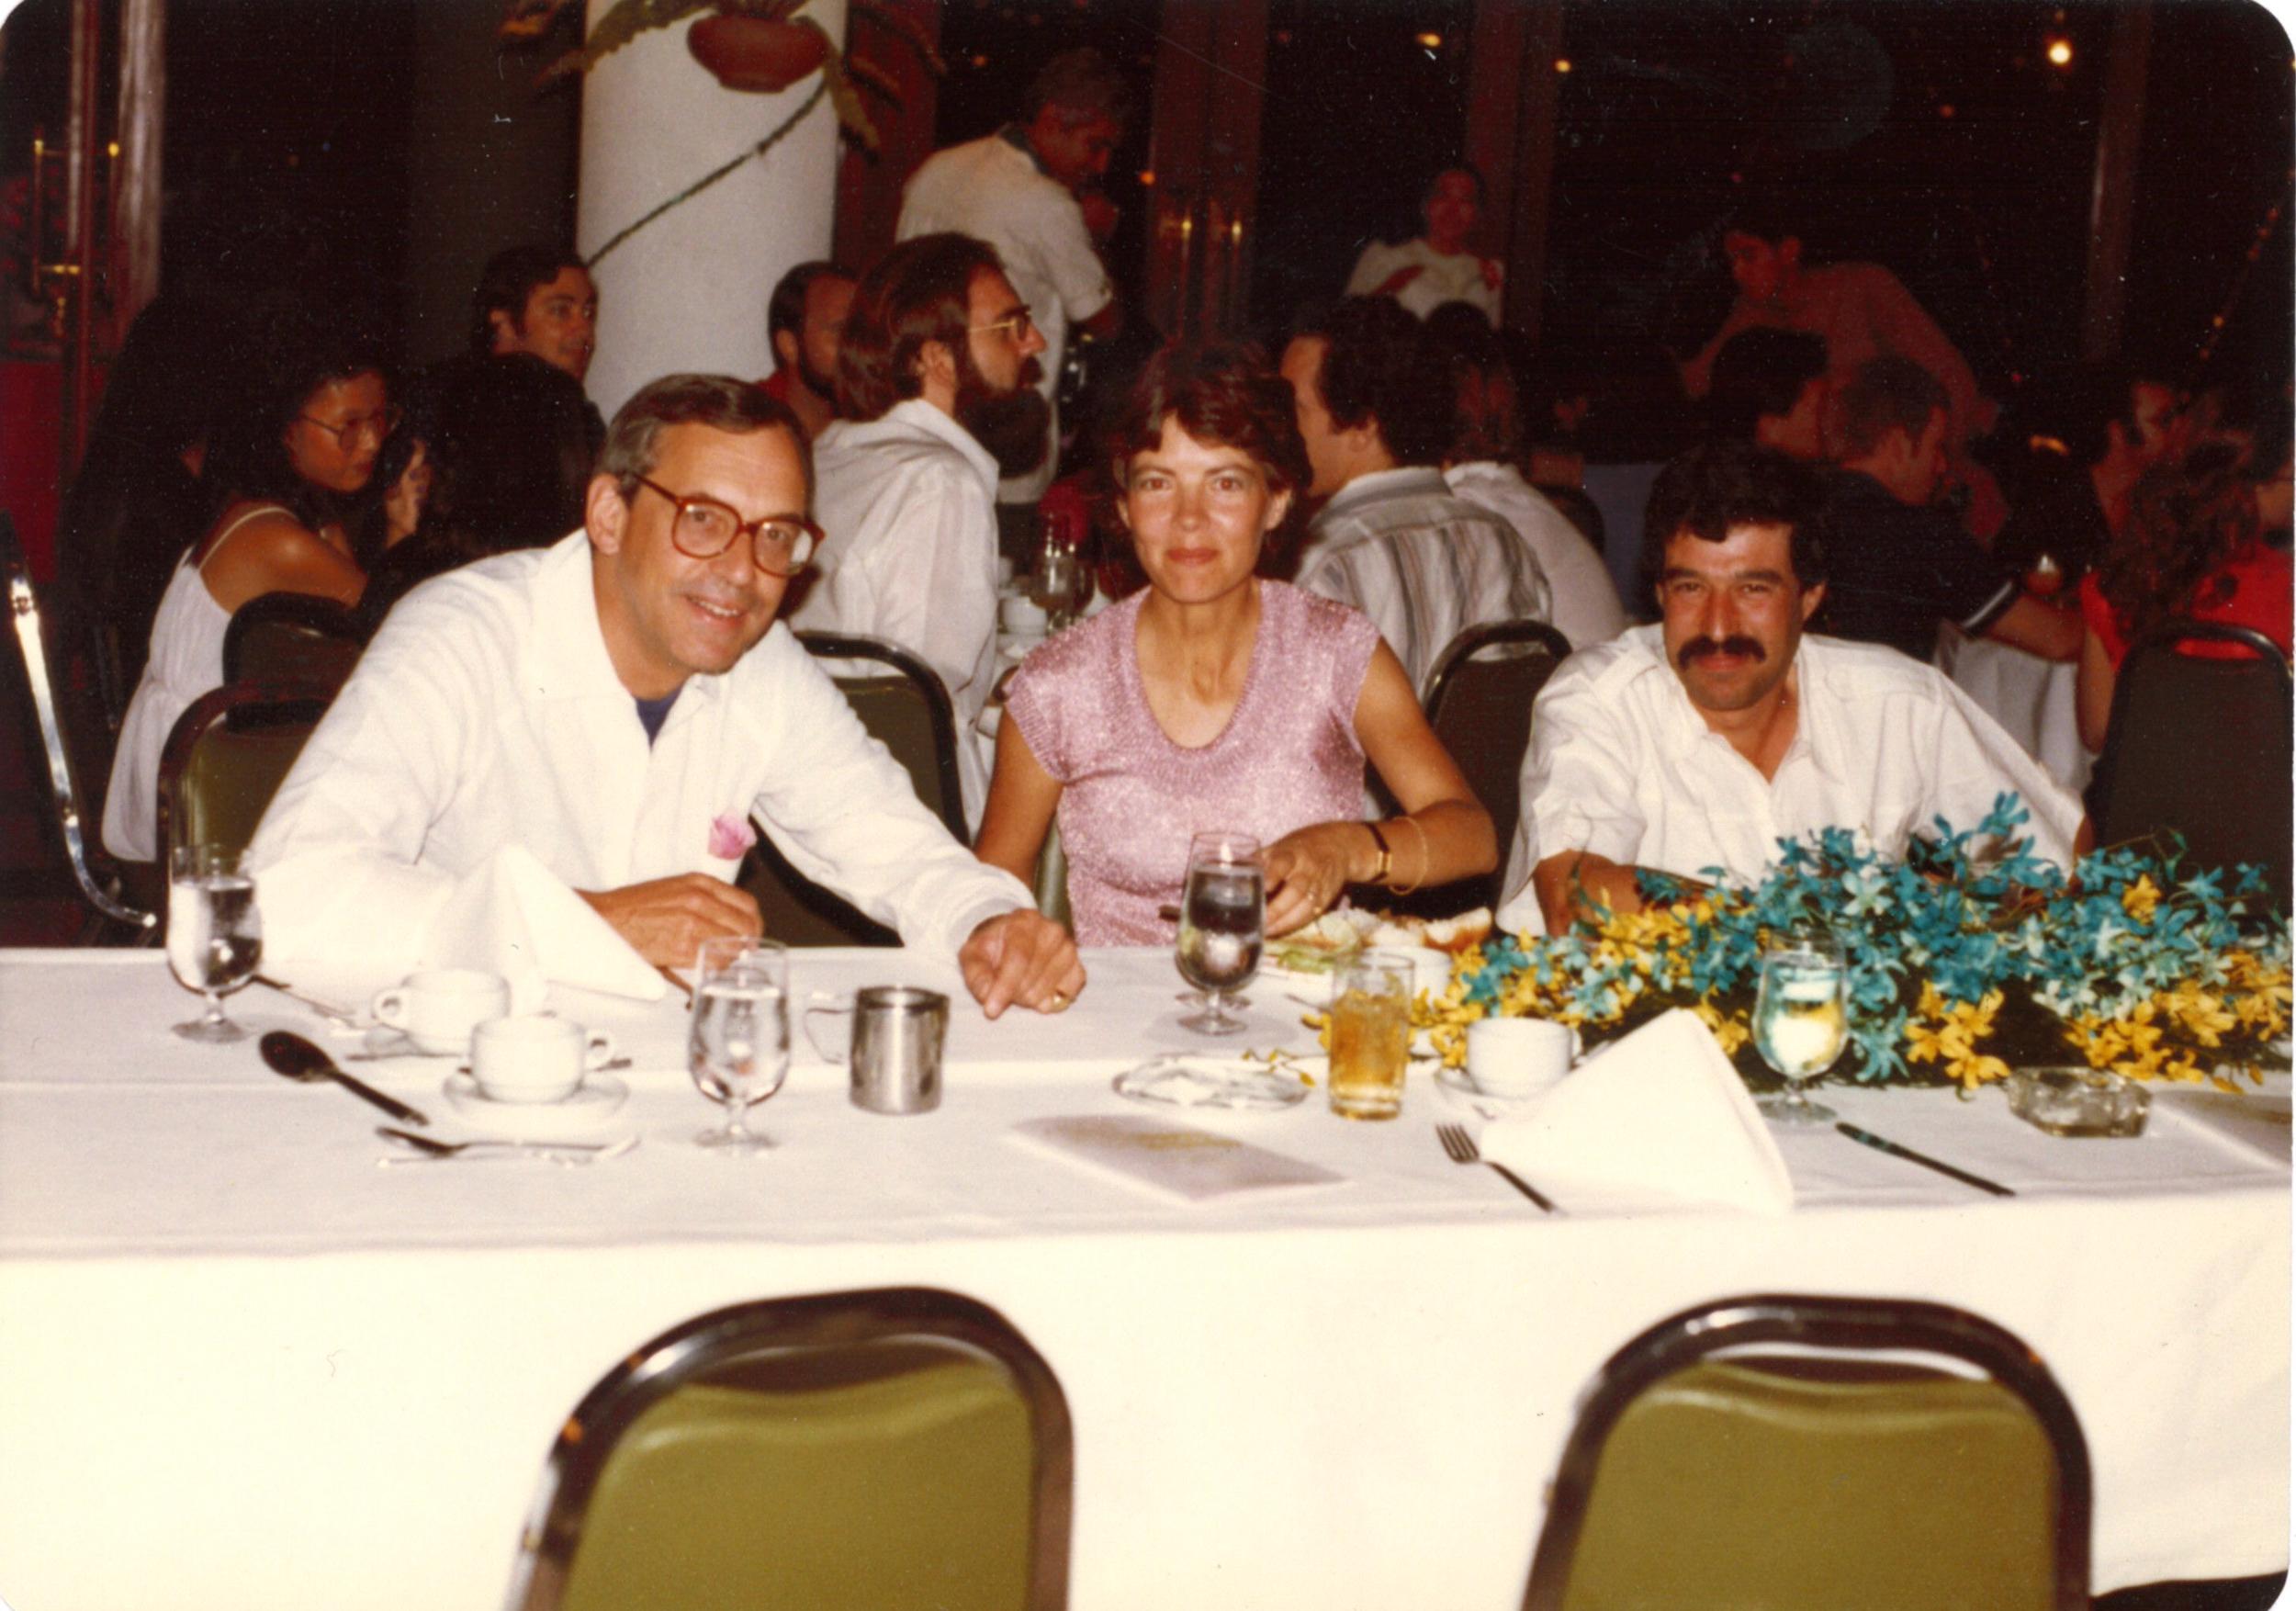 DeVecchi and Rosenblatt